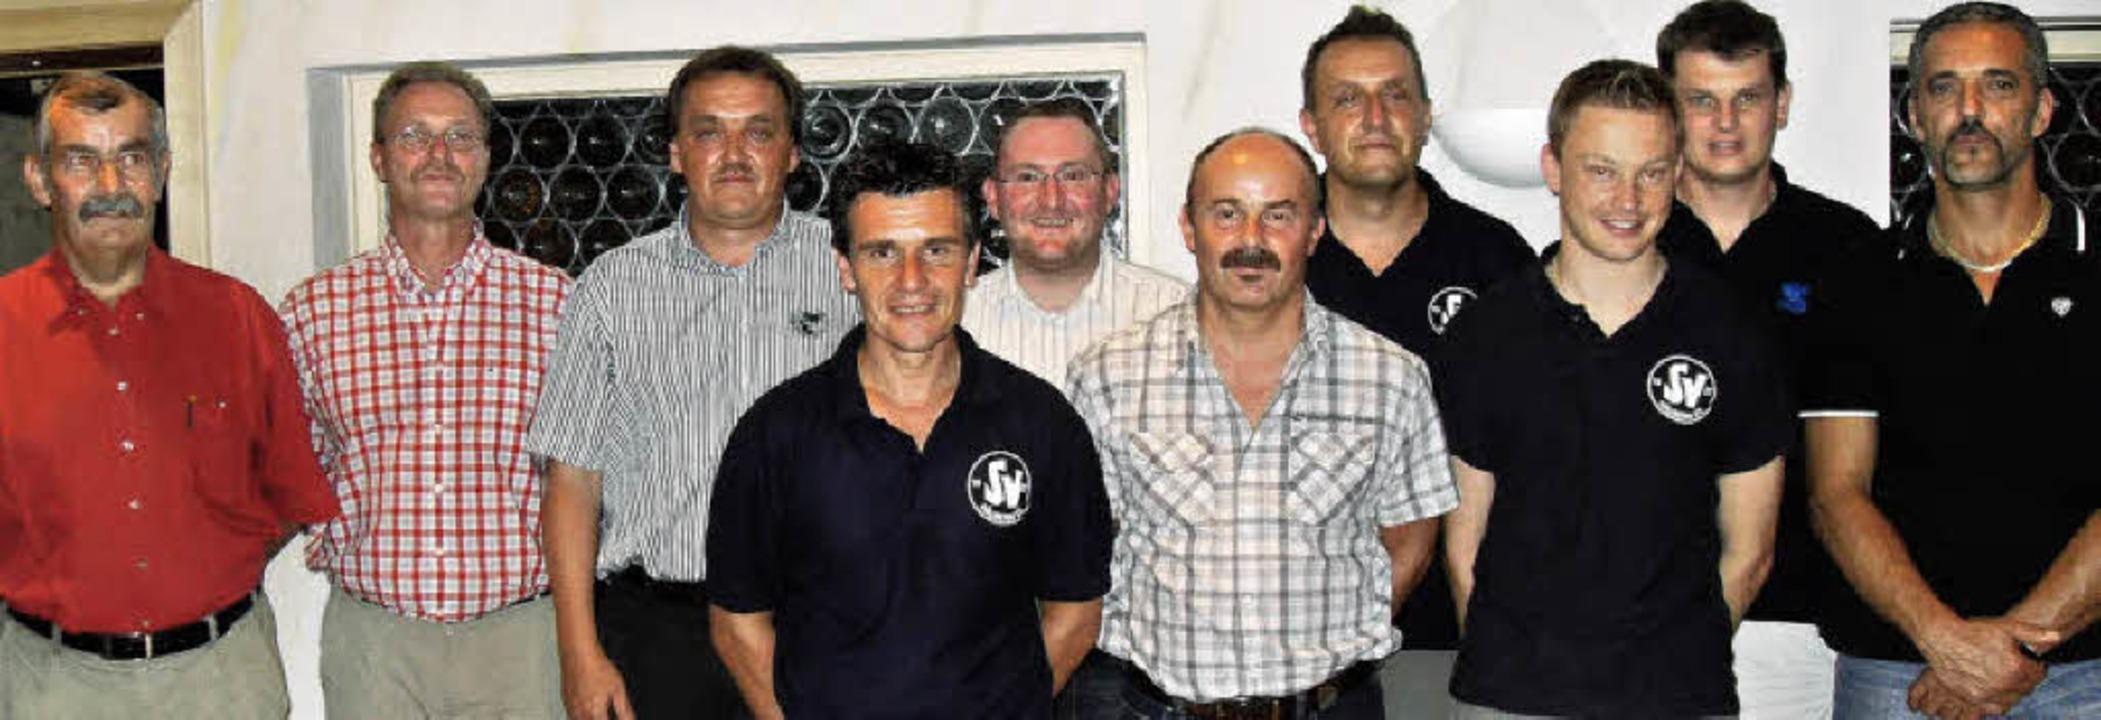 Leiten die Geschicke des  Vereins:  Ot...Weiler und Norbert Wilms (von links).     Foto: Siegfried Krex